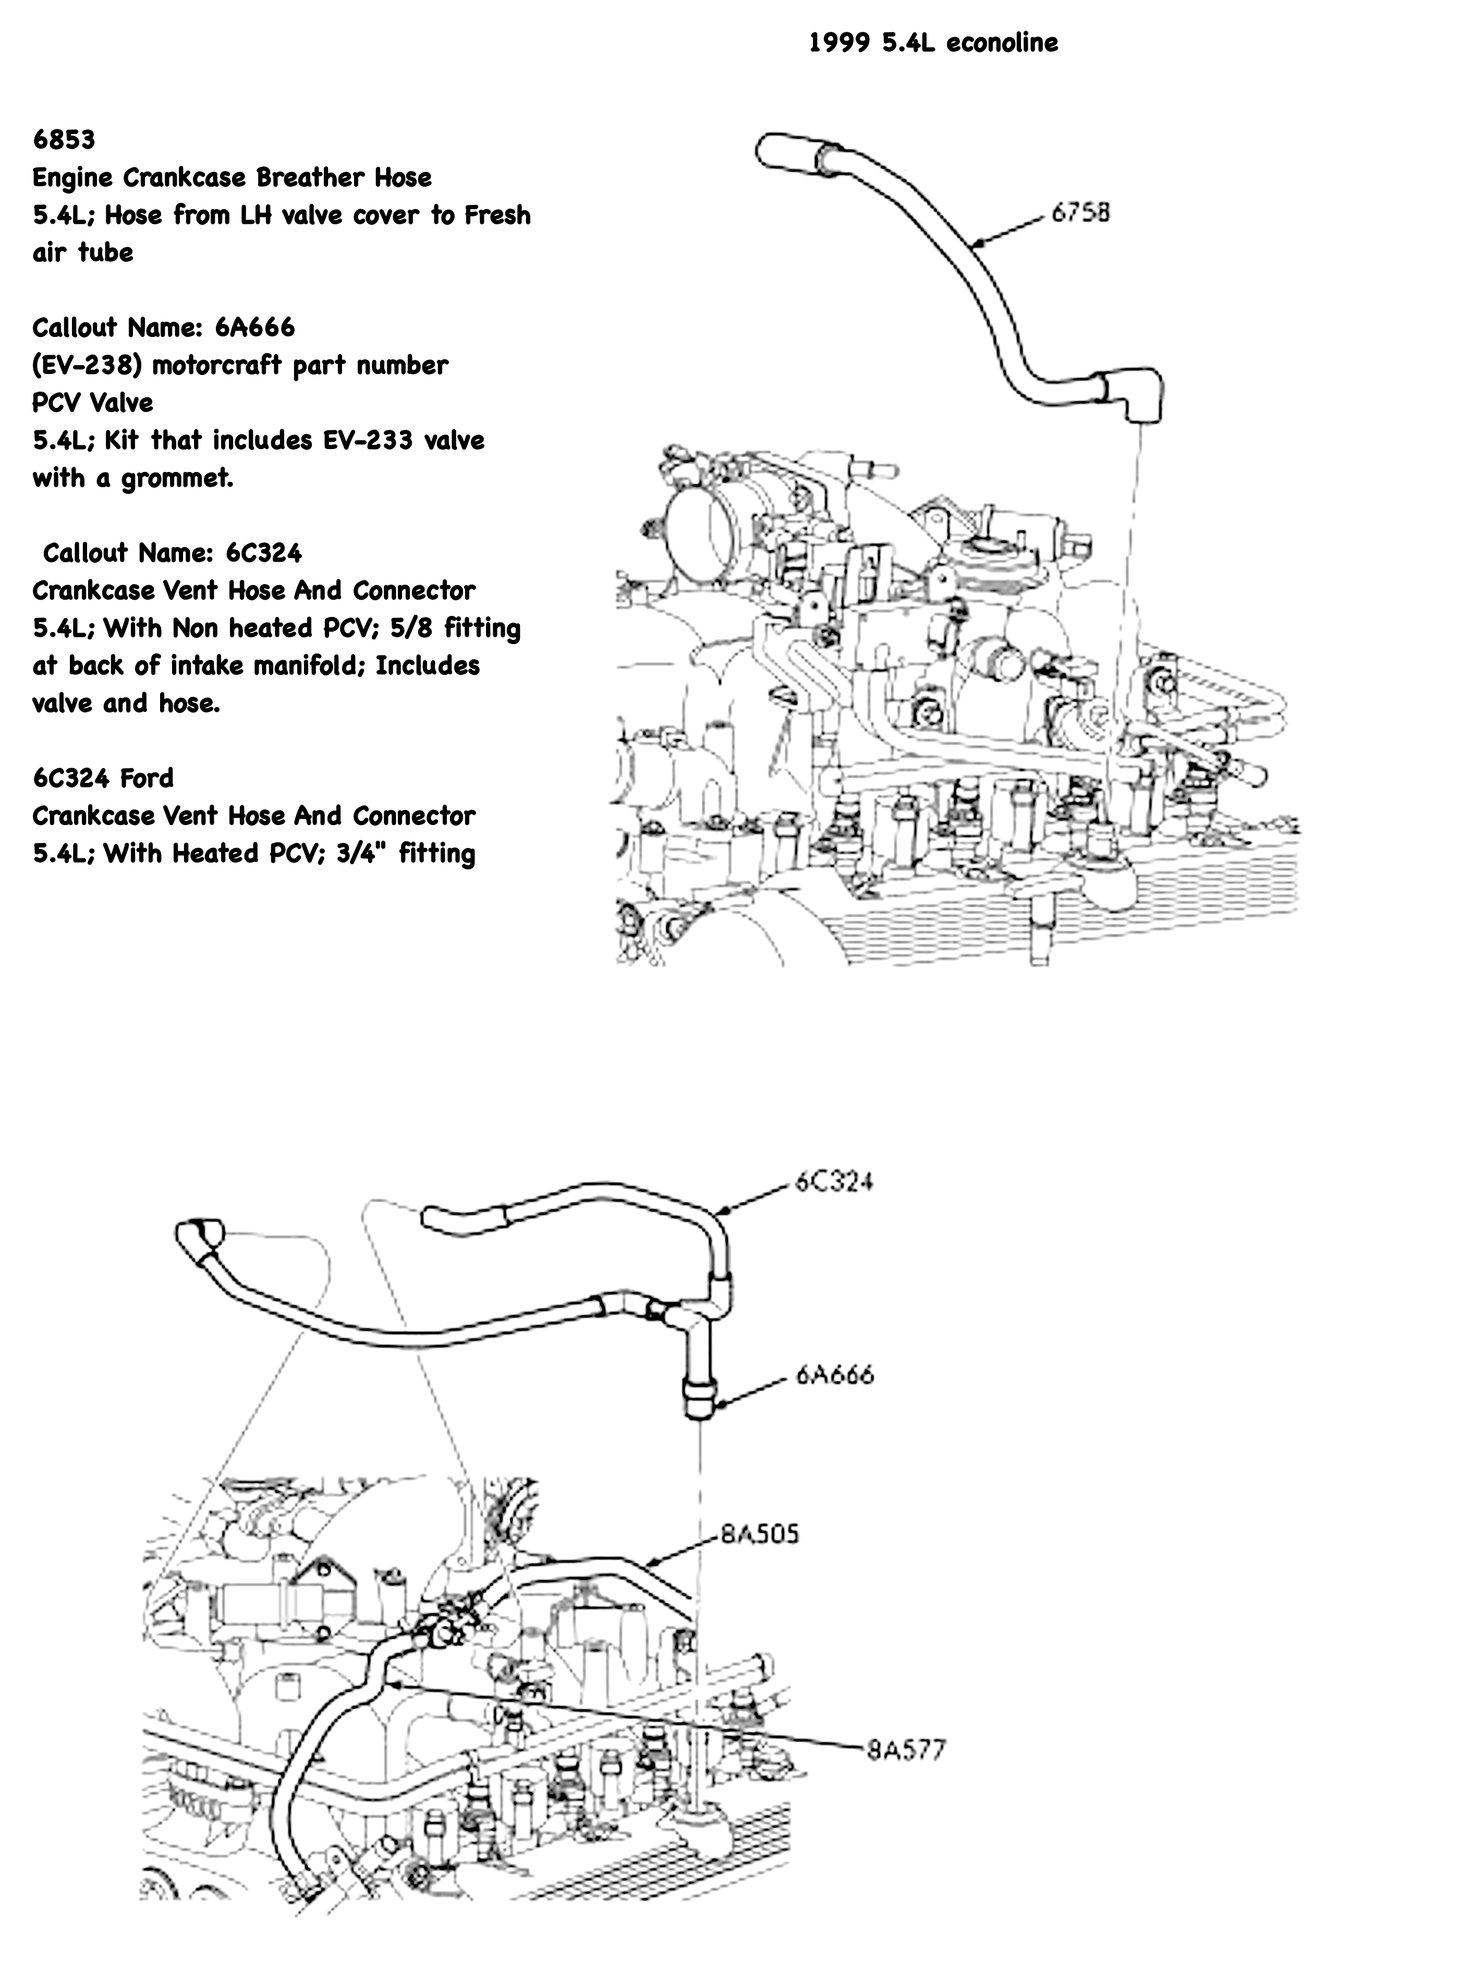 Triton Ford 5.4 Vacuum Hose Diagram : triton, vacuum, diagram, Engine, Vacuum, Diagram, Wiring, Export, Parched-suitcase, Parched-suitcase.congressosifo2018.it